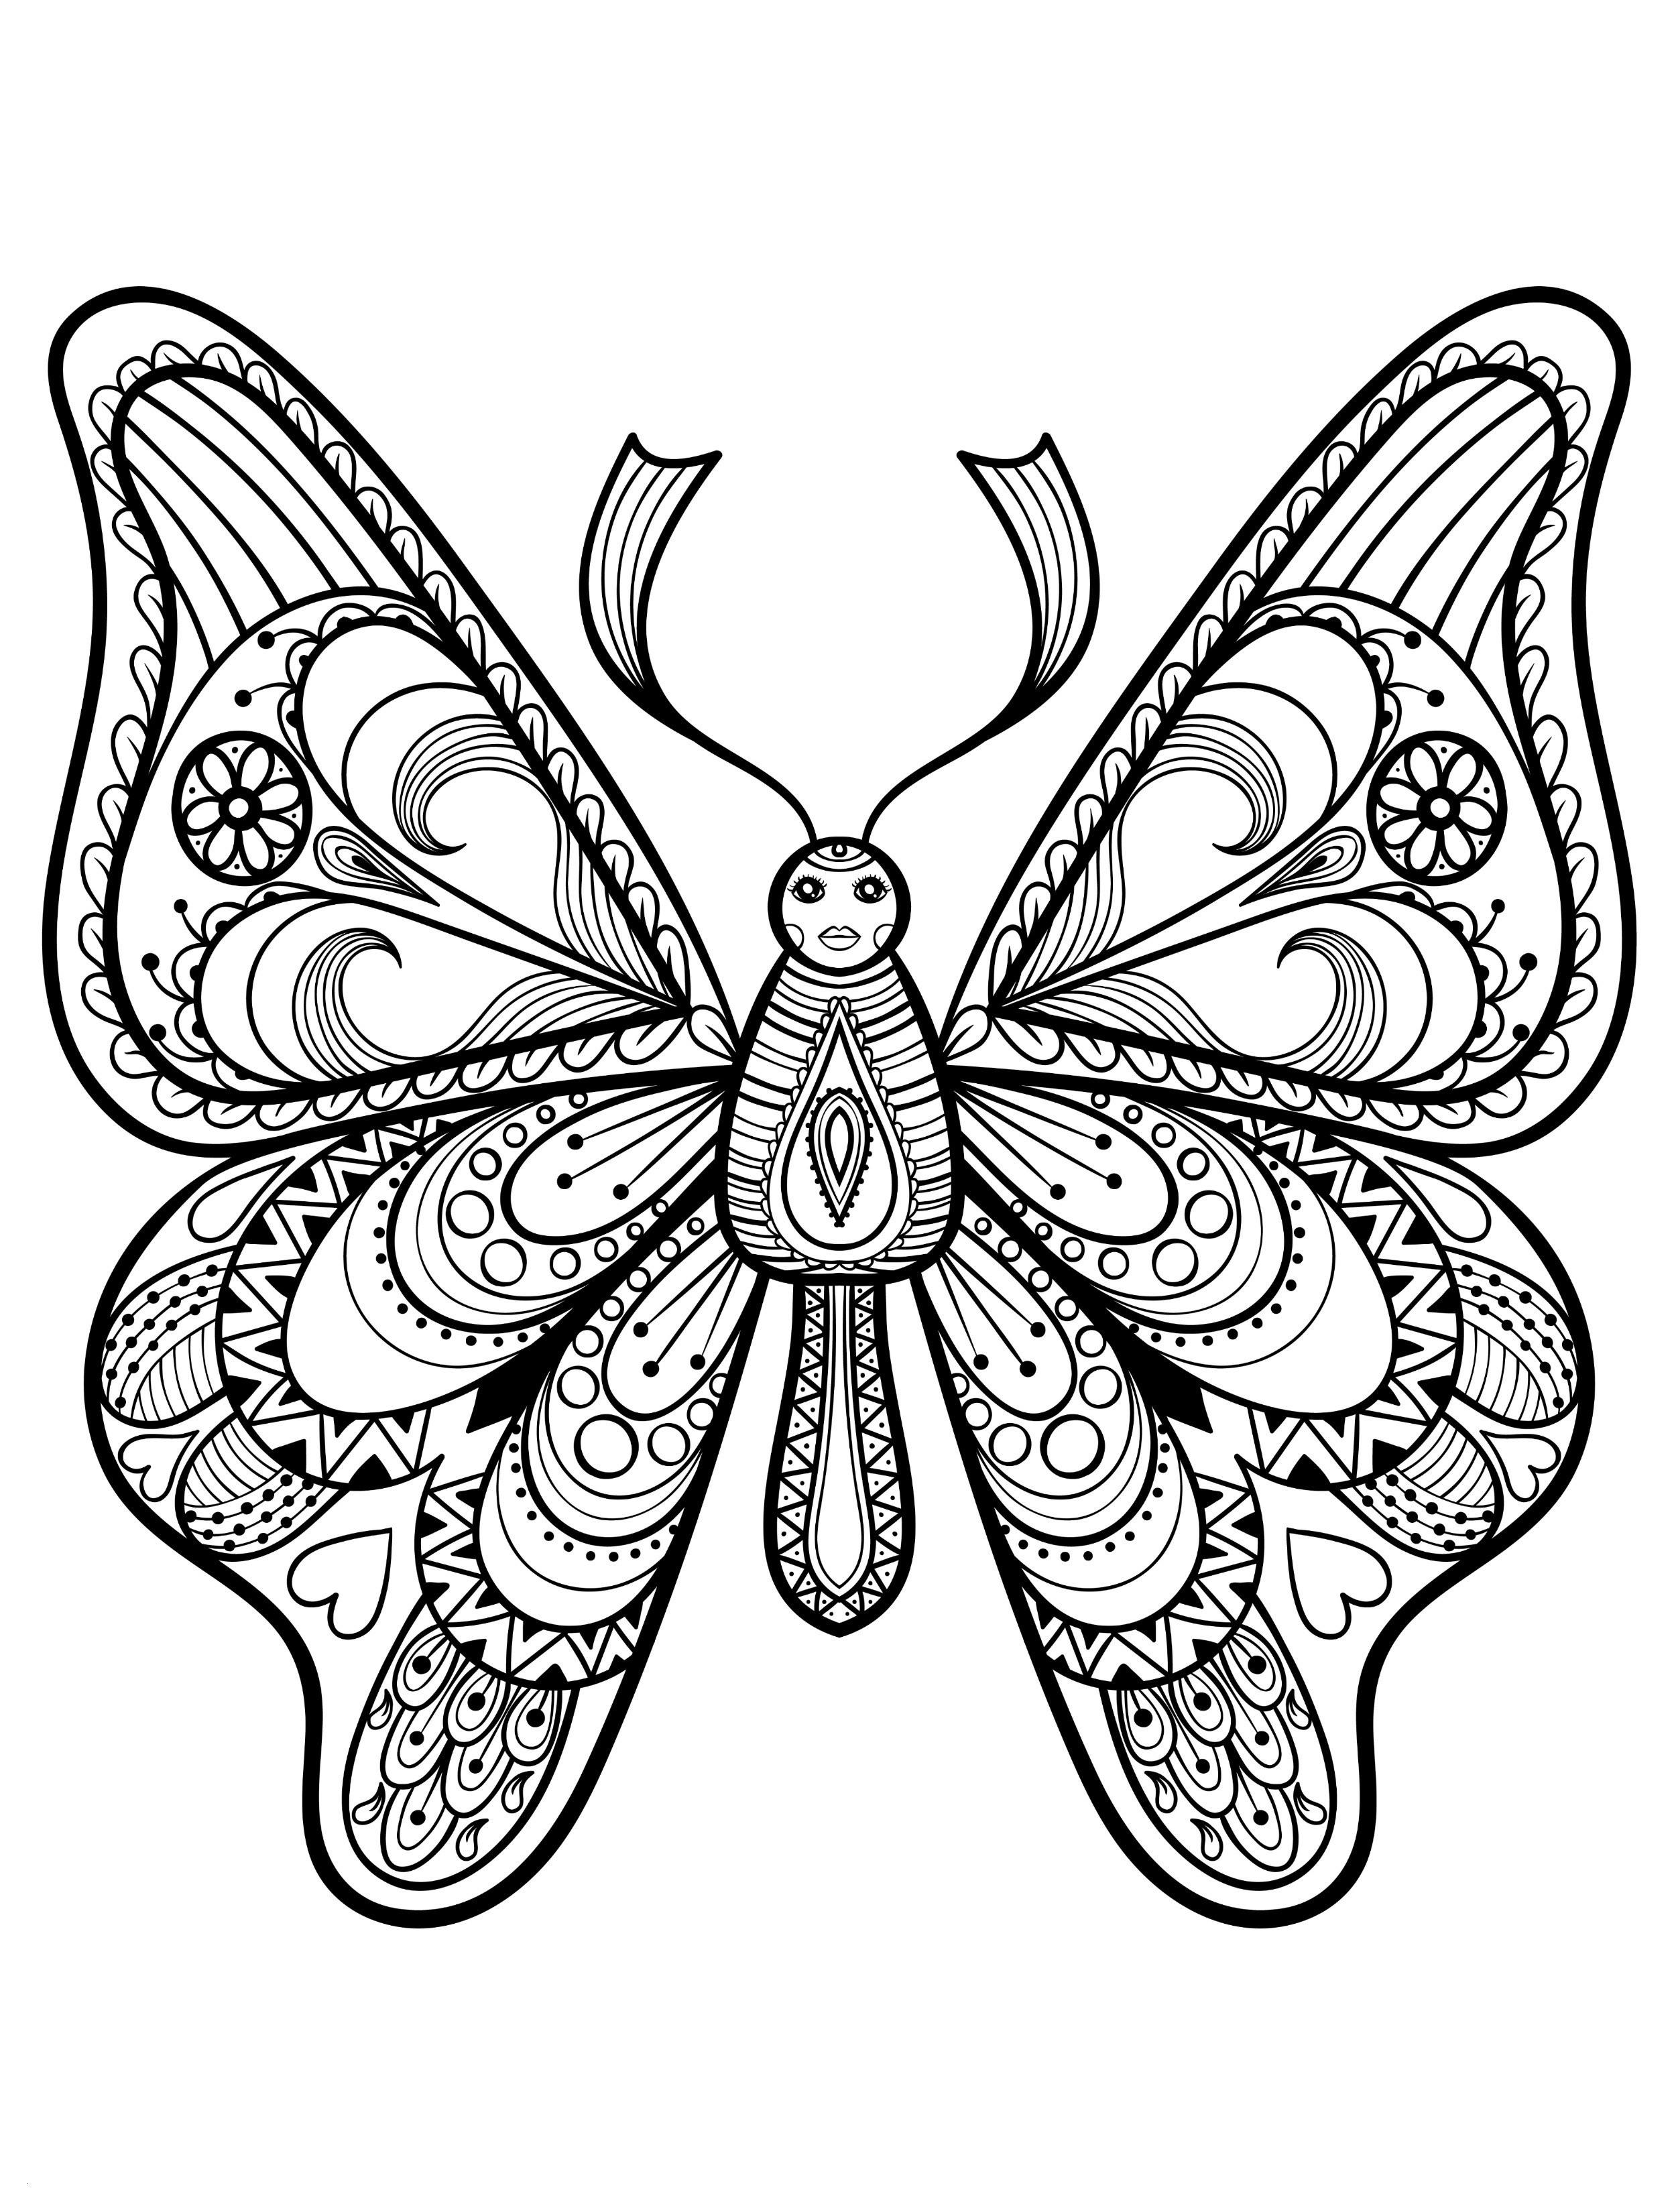 Schmetterling Mit Blume Zum Ausmalen Genial 30 Ausmalbilder Schmetterling Mandala forstergallery Das Bild